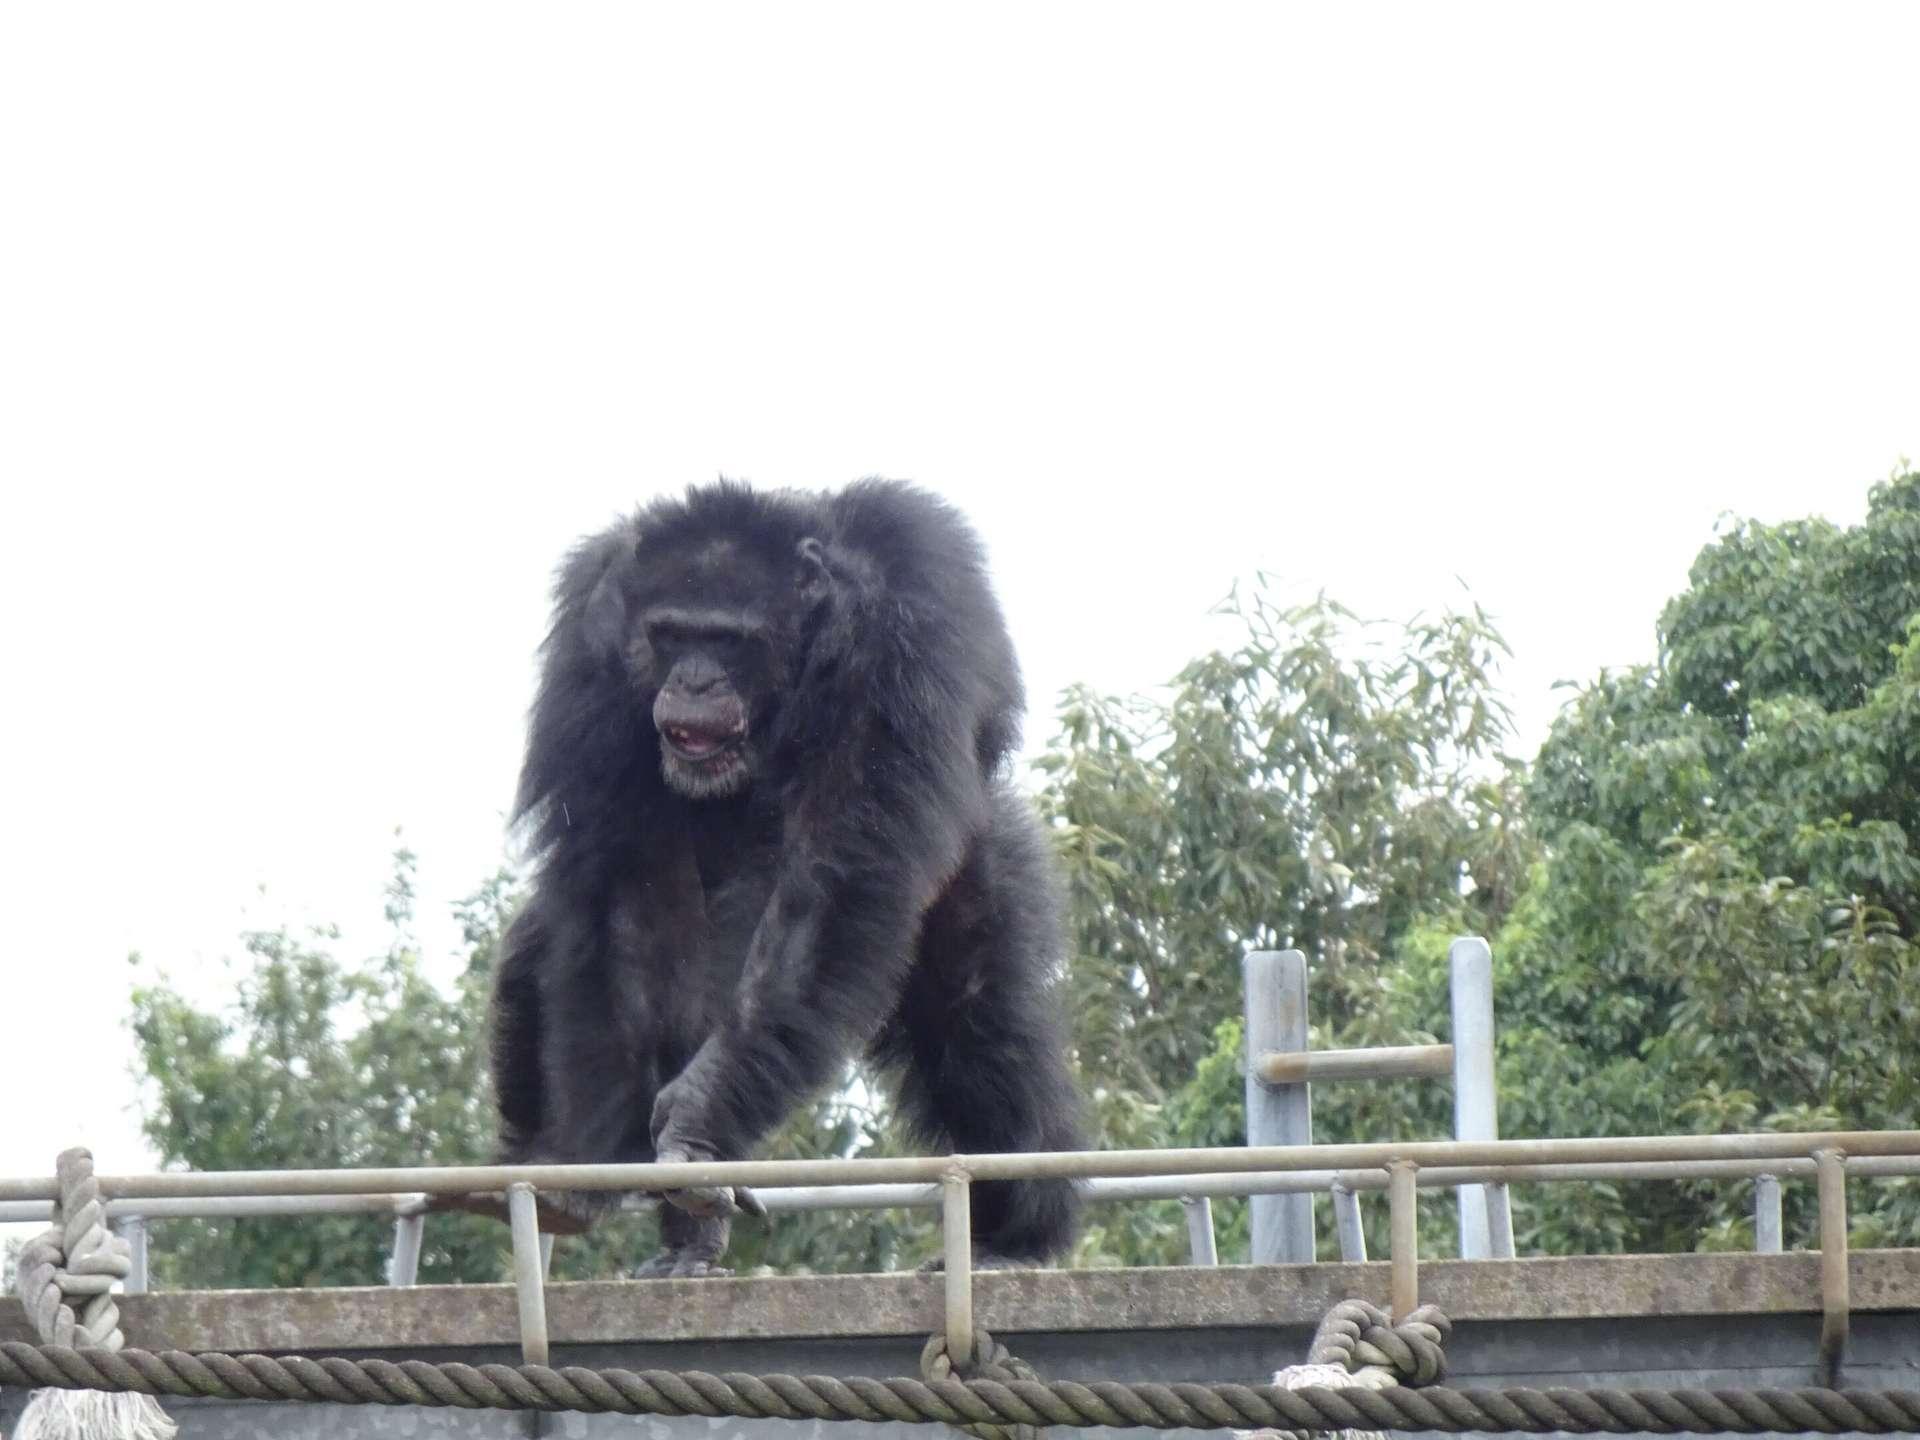 Un chimpanzé mâle qui montre des mouvements saccadés, comparable à de la danse. © Yuko Hattori